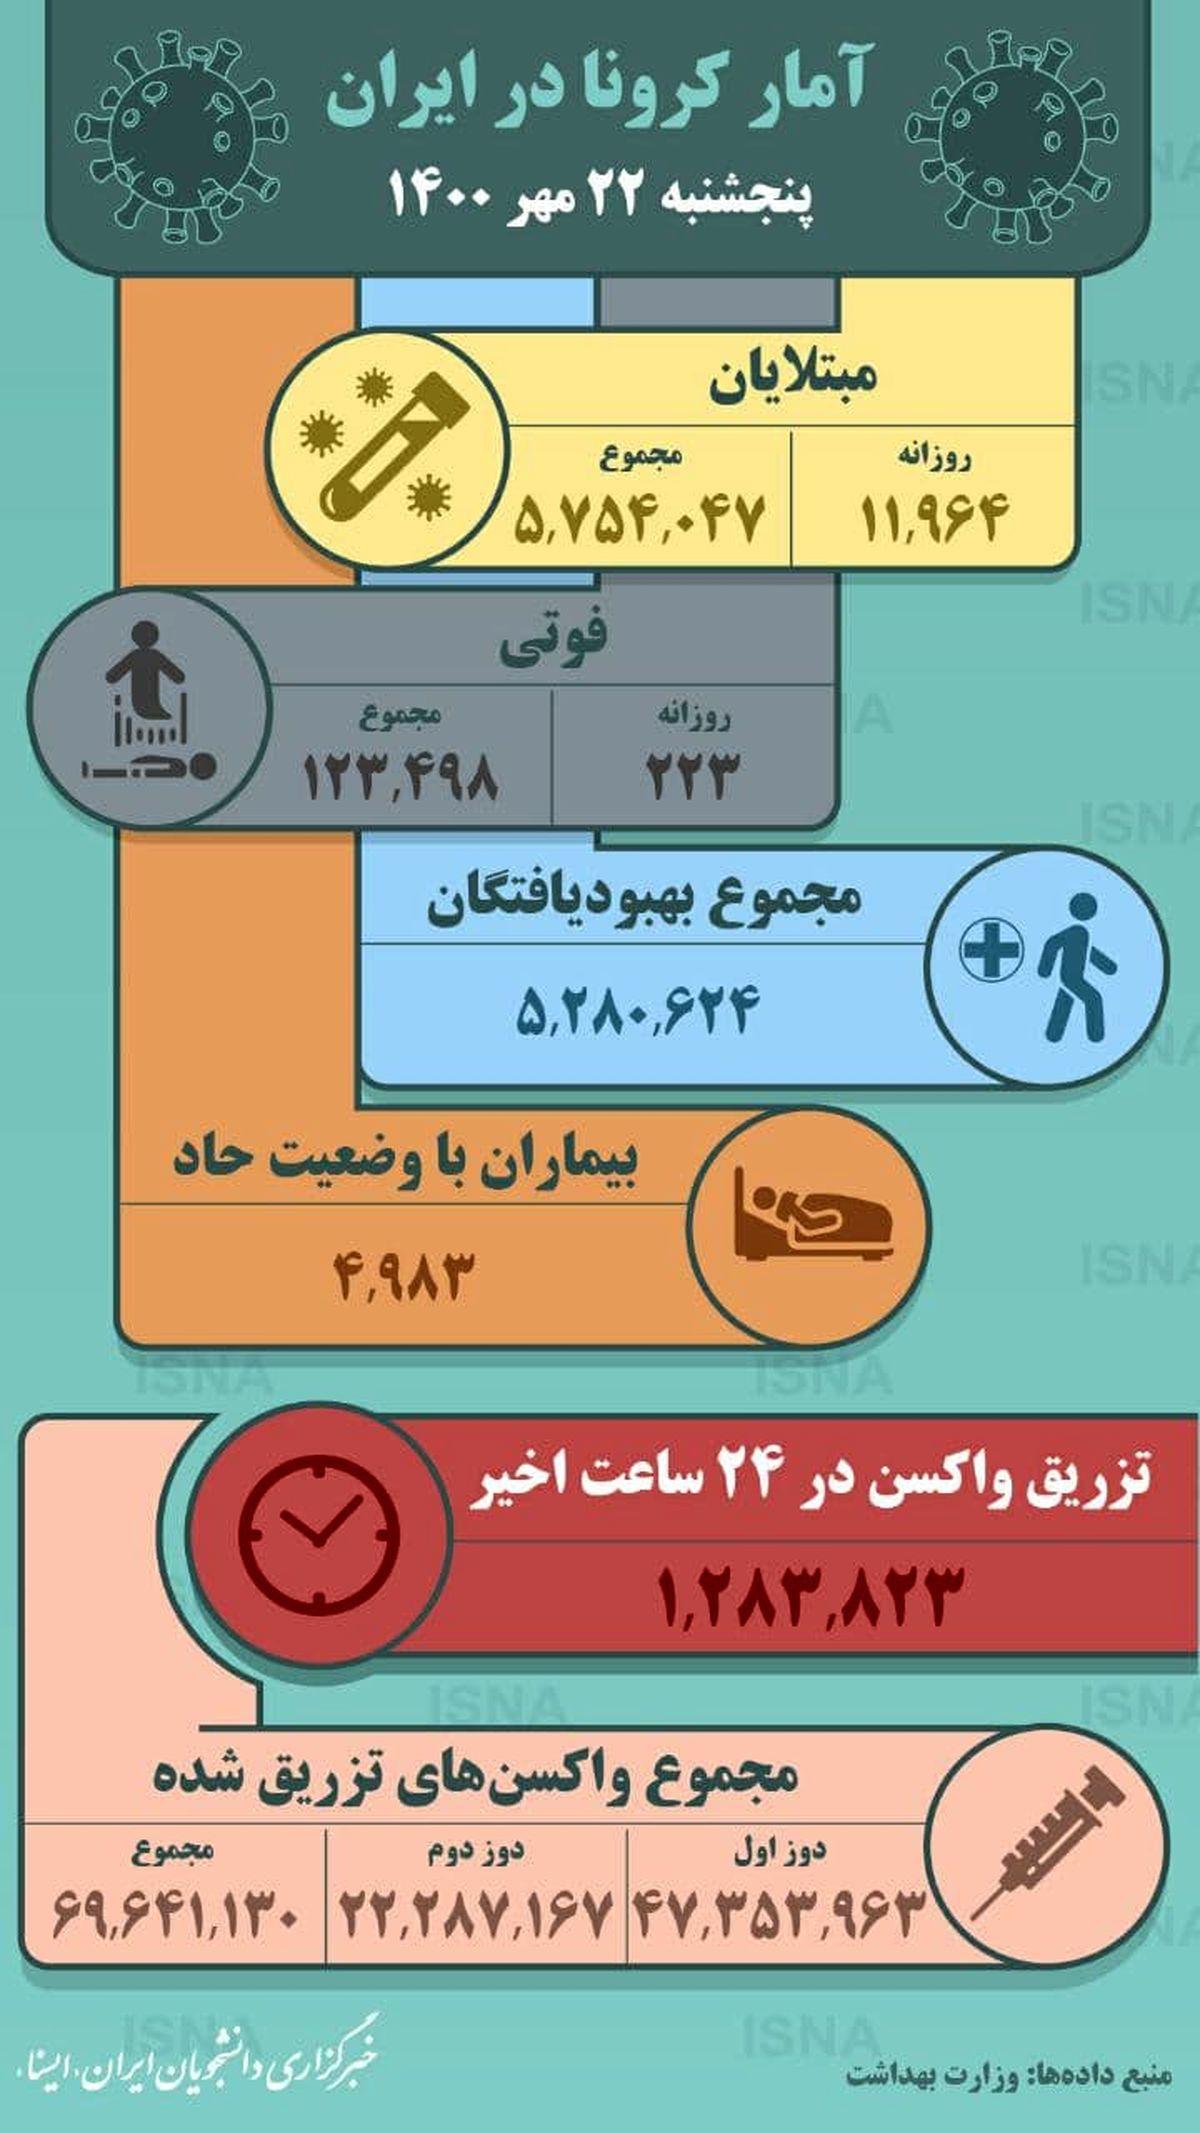 آمار کرونا در ایران-پنجشنبه ۲۲ مهر ۱۴۰۰